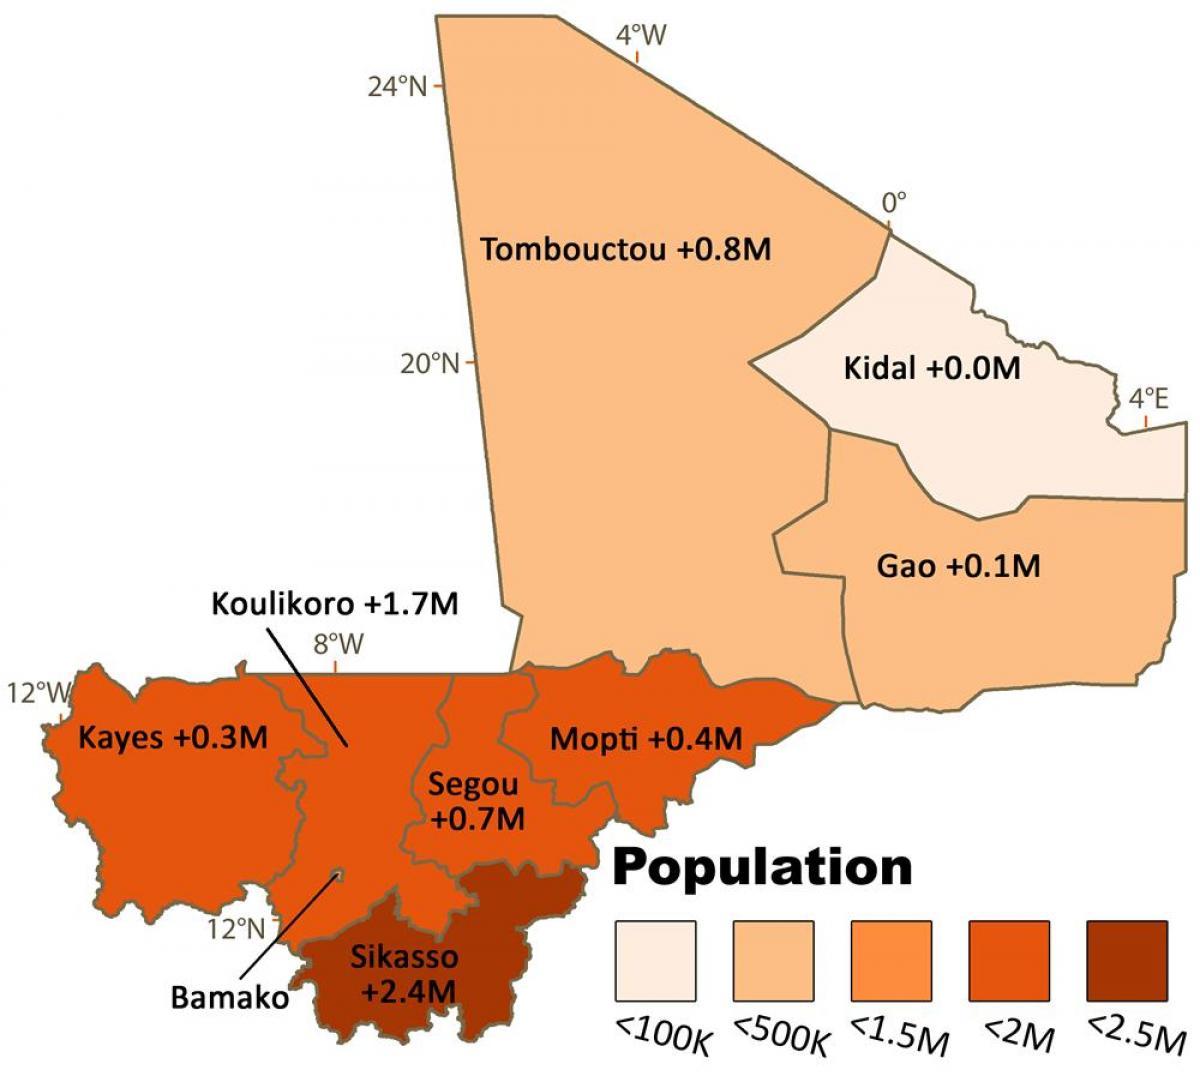 kart over mali Mali befolkning kart   Kart over Mali befolkning (Vest Afrika  kart over mali